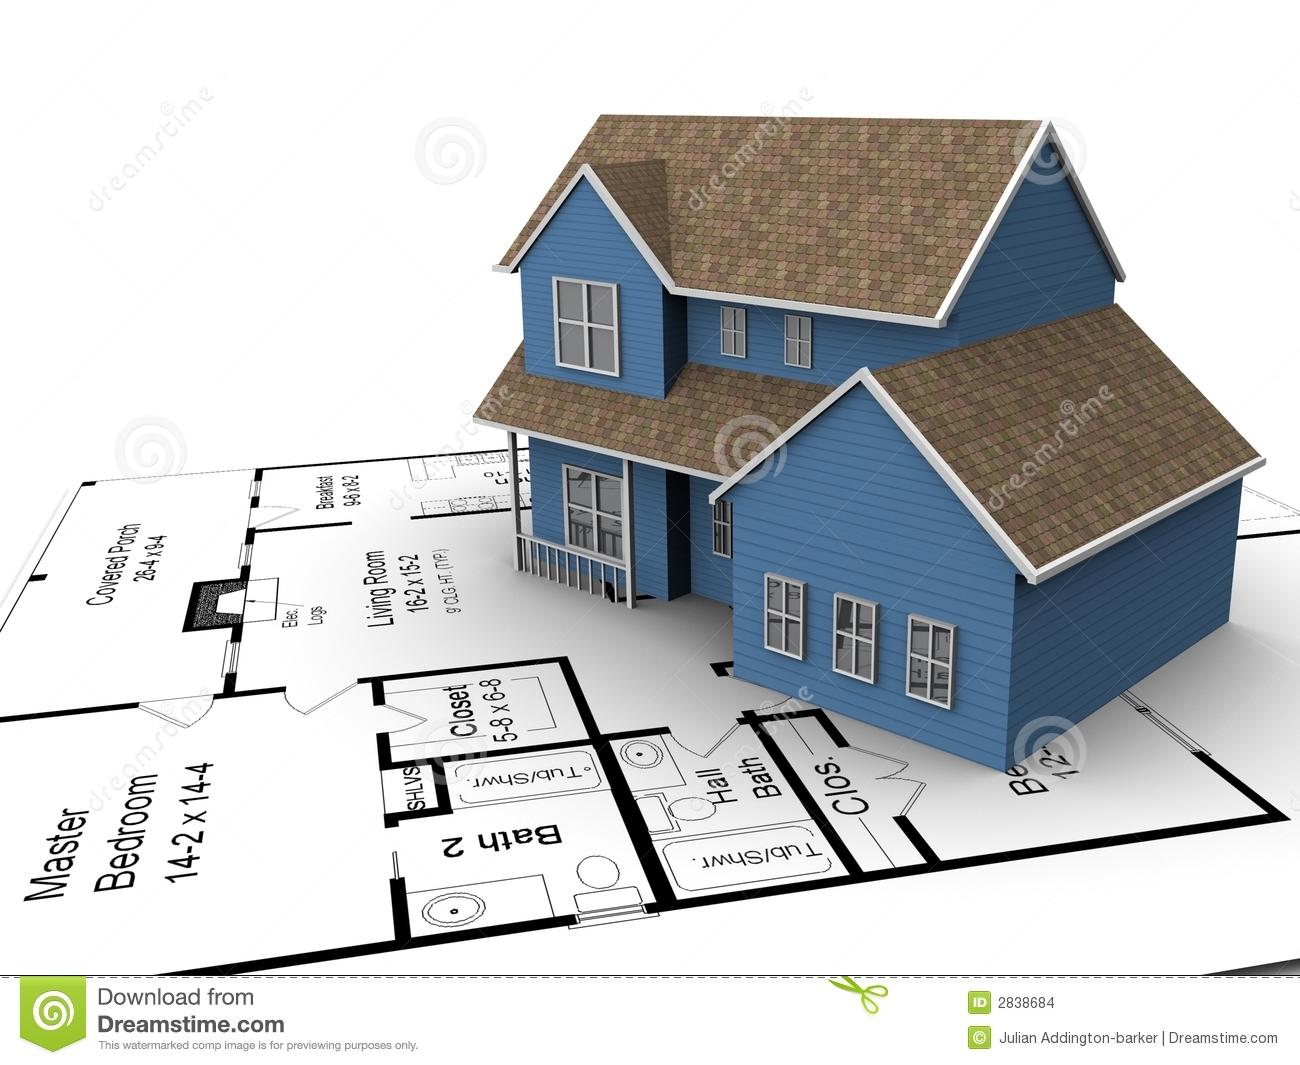 Building plans clipart.